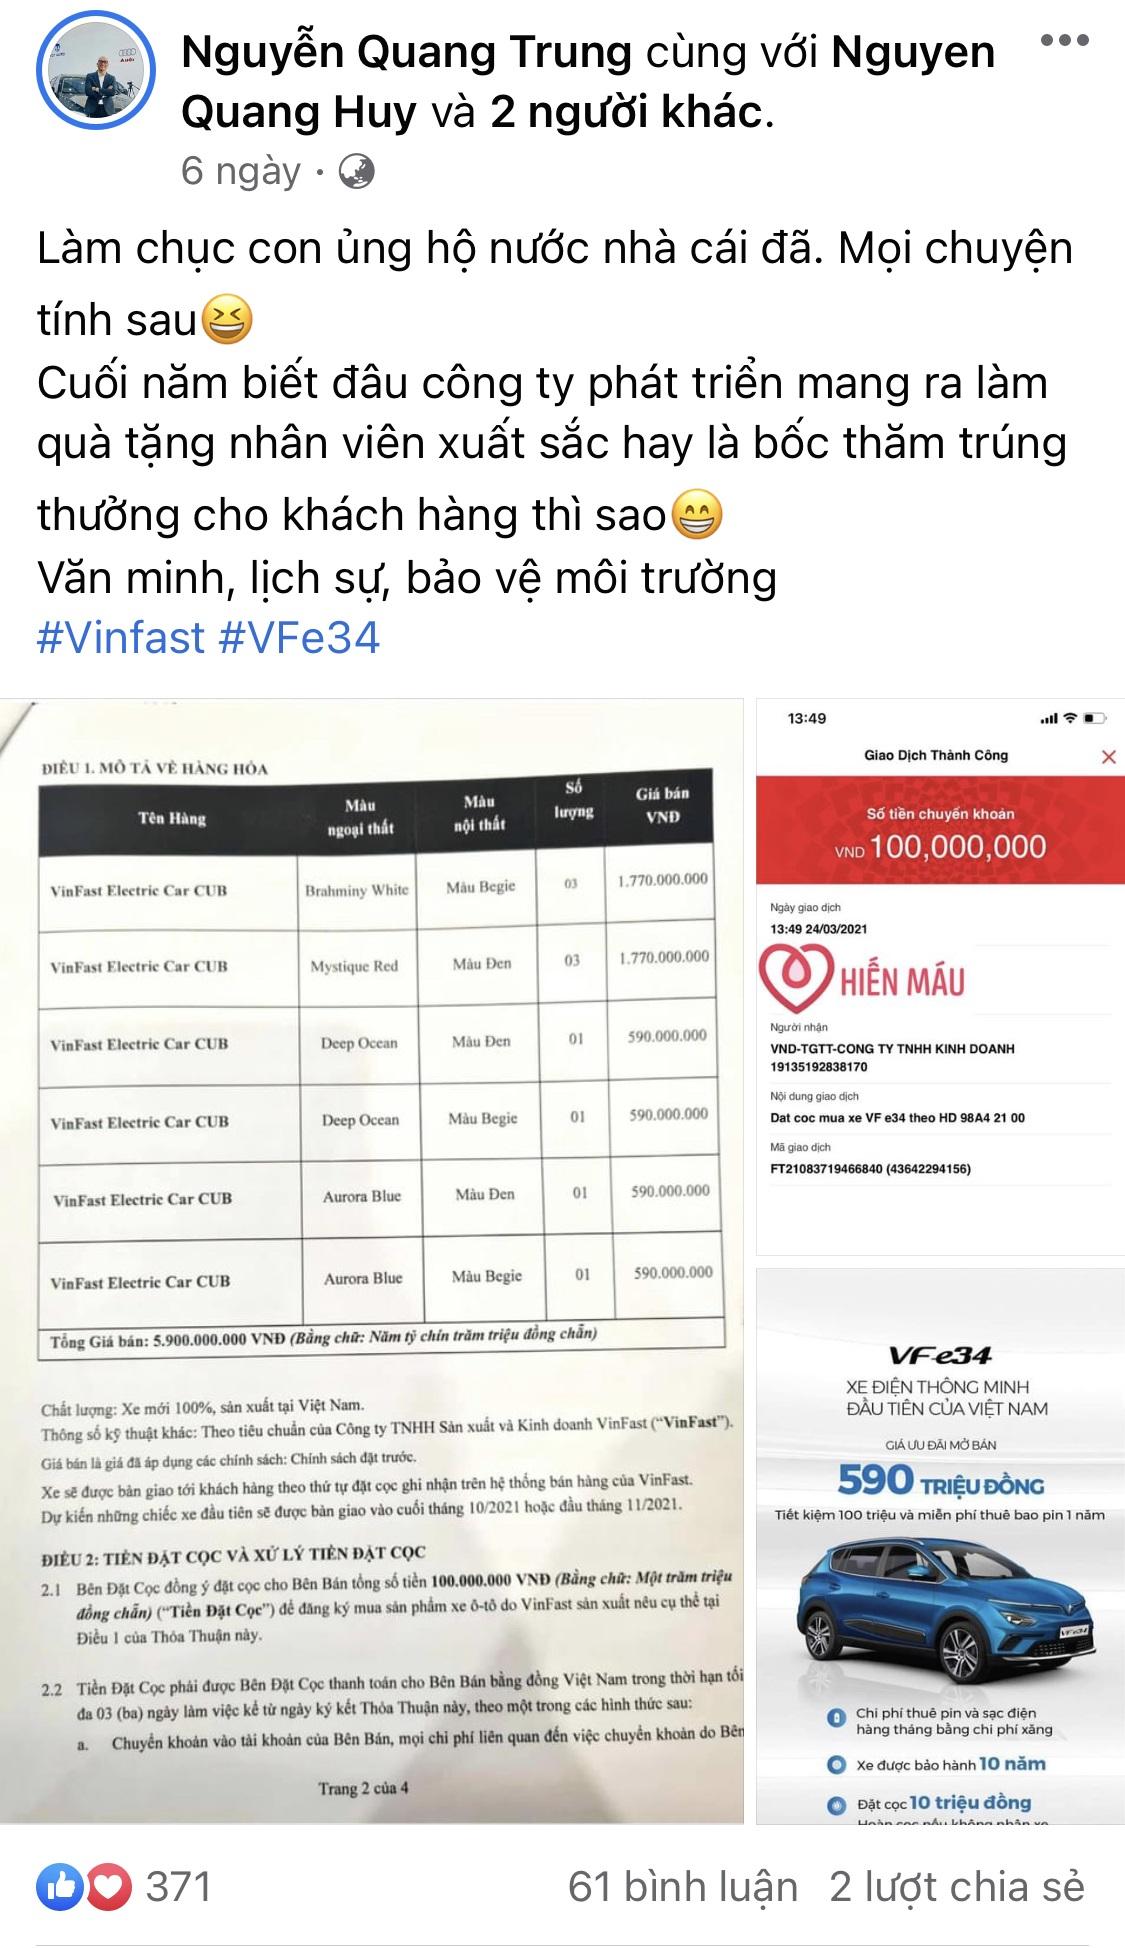 Ai là người đặt mua ô tô điện VinFast VF e34 nhiều nhất đến thời điểm này? vf-e34-03.jpeg